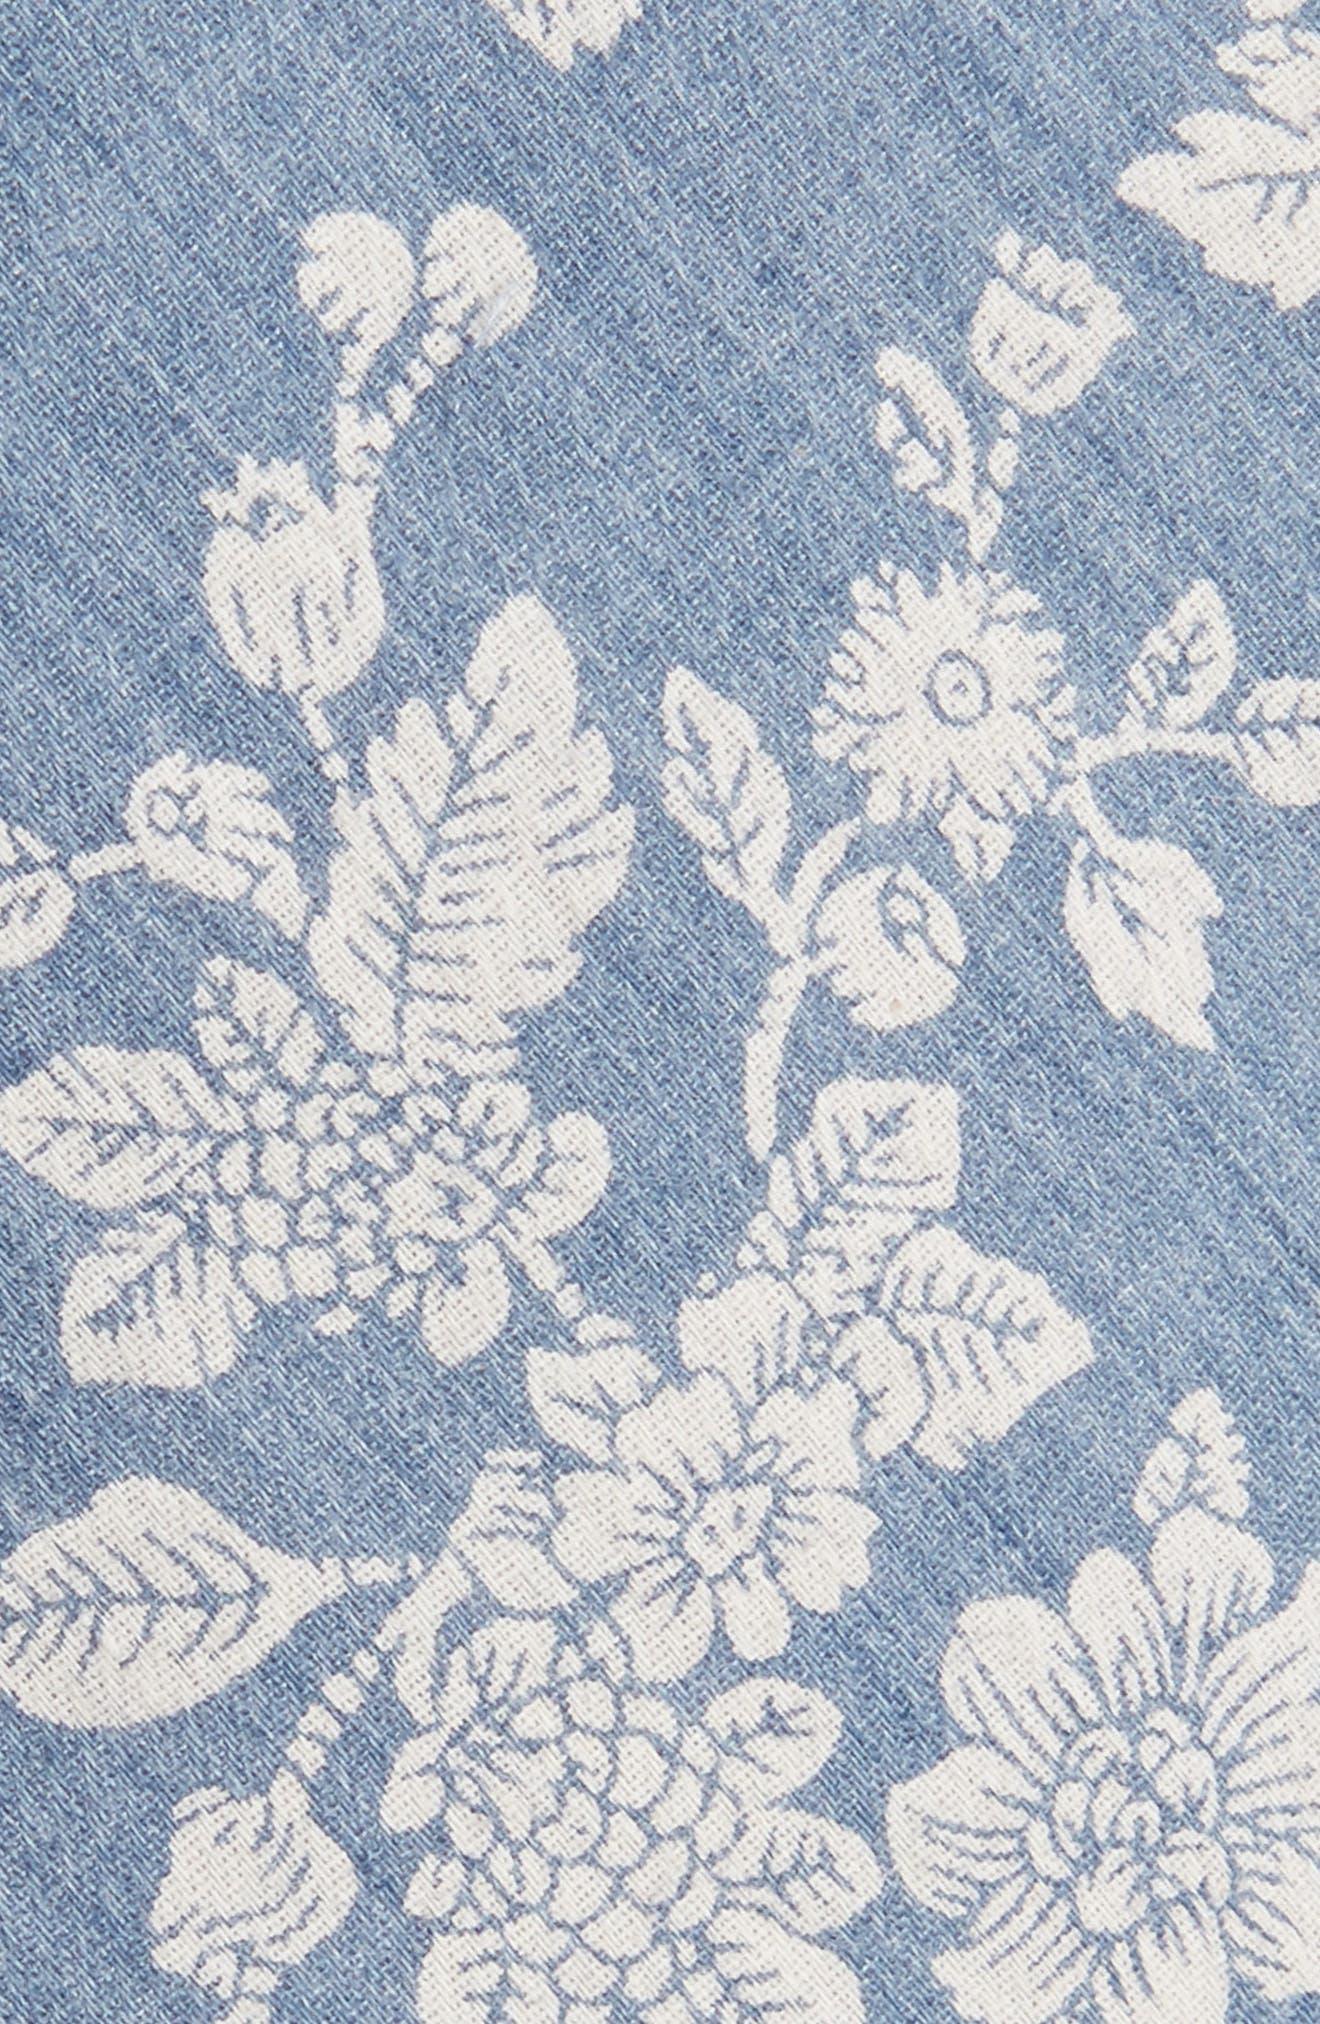 Alternate Image 2  - Nordstrom Men's Shop Floral Cotton Skinny Tie